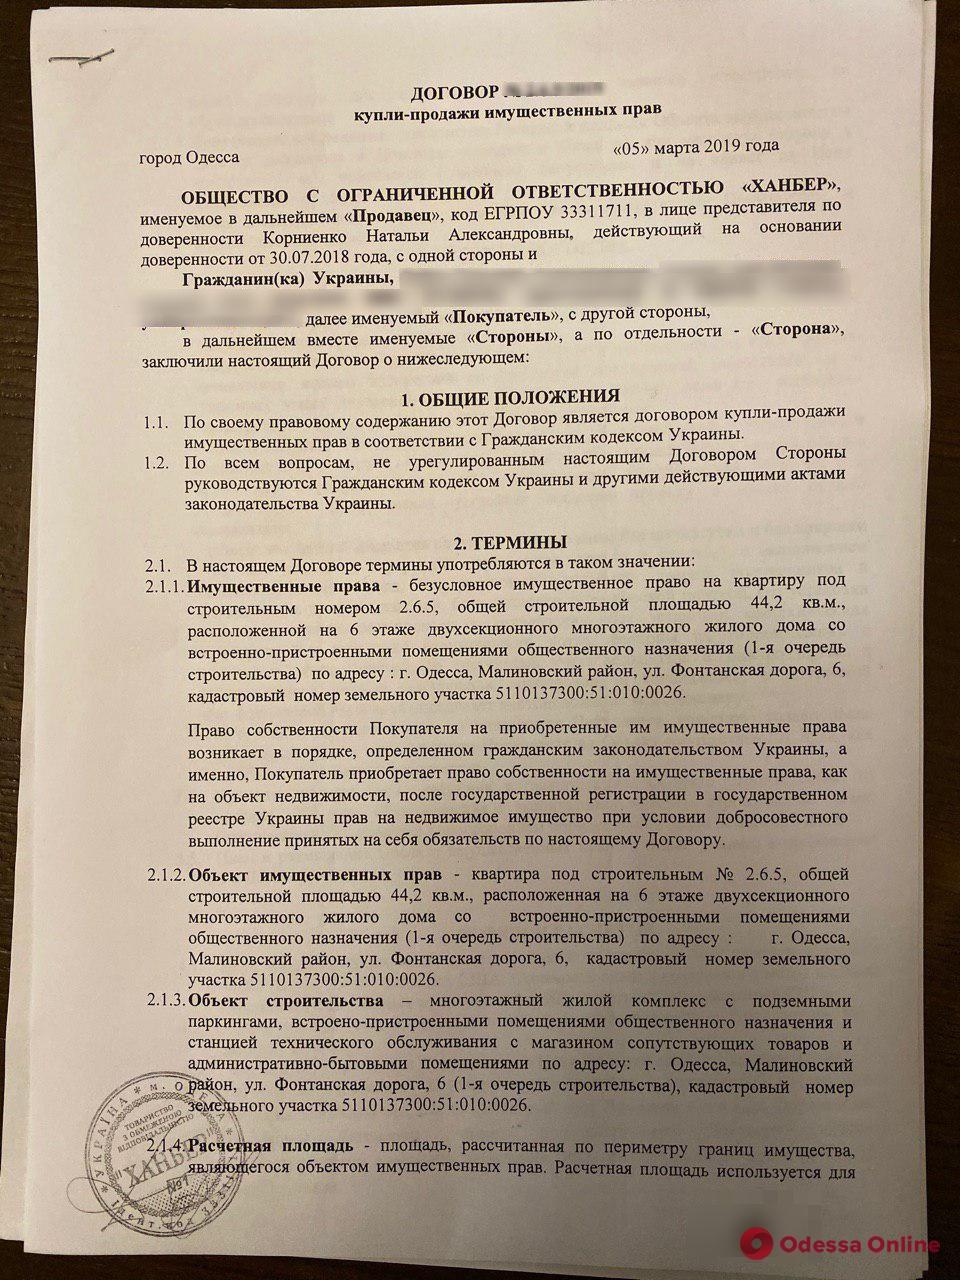 Афера по-литовски: одесситка заплатила компании «Ханбер» 40 тысяч долларов за «воздух» вместо квартиры